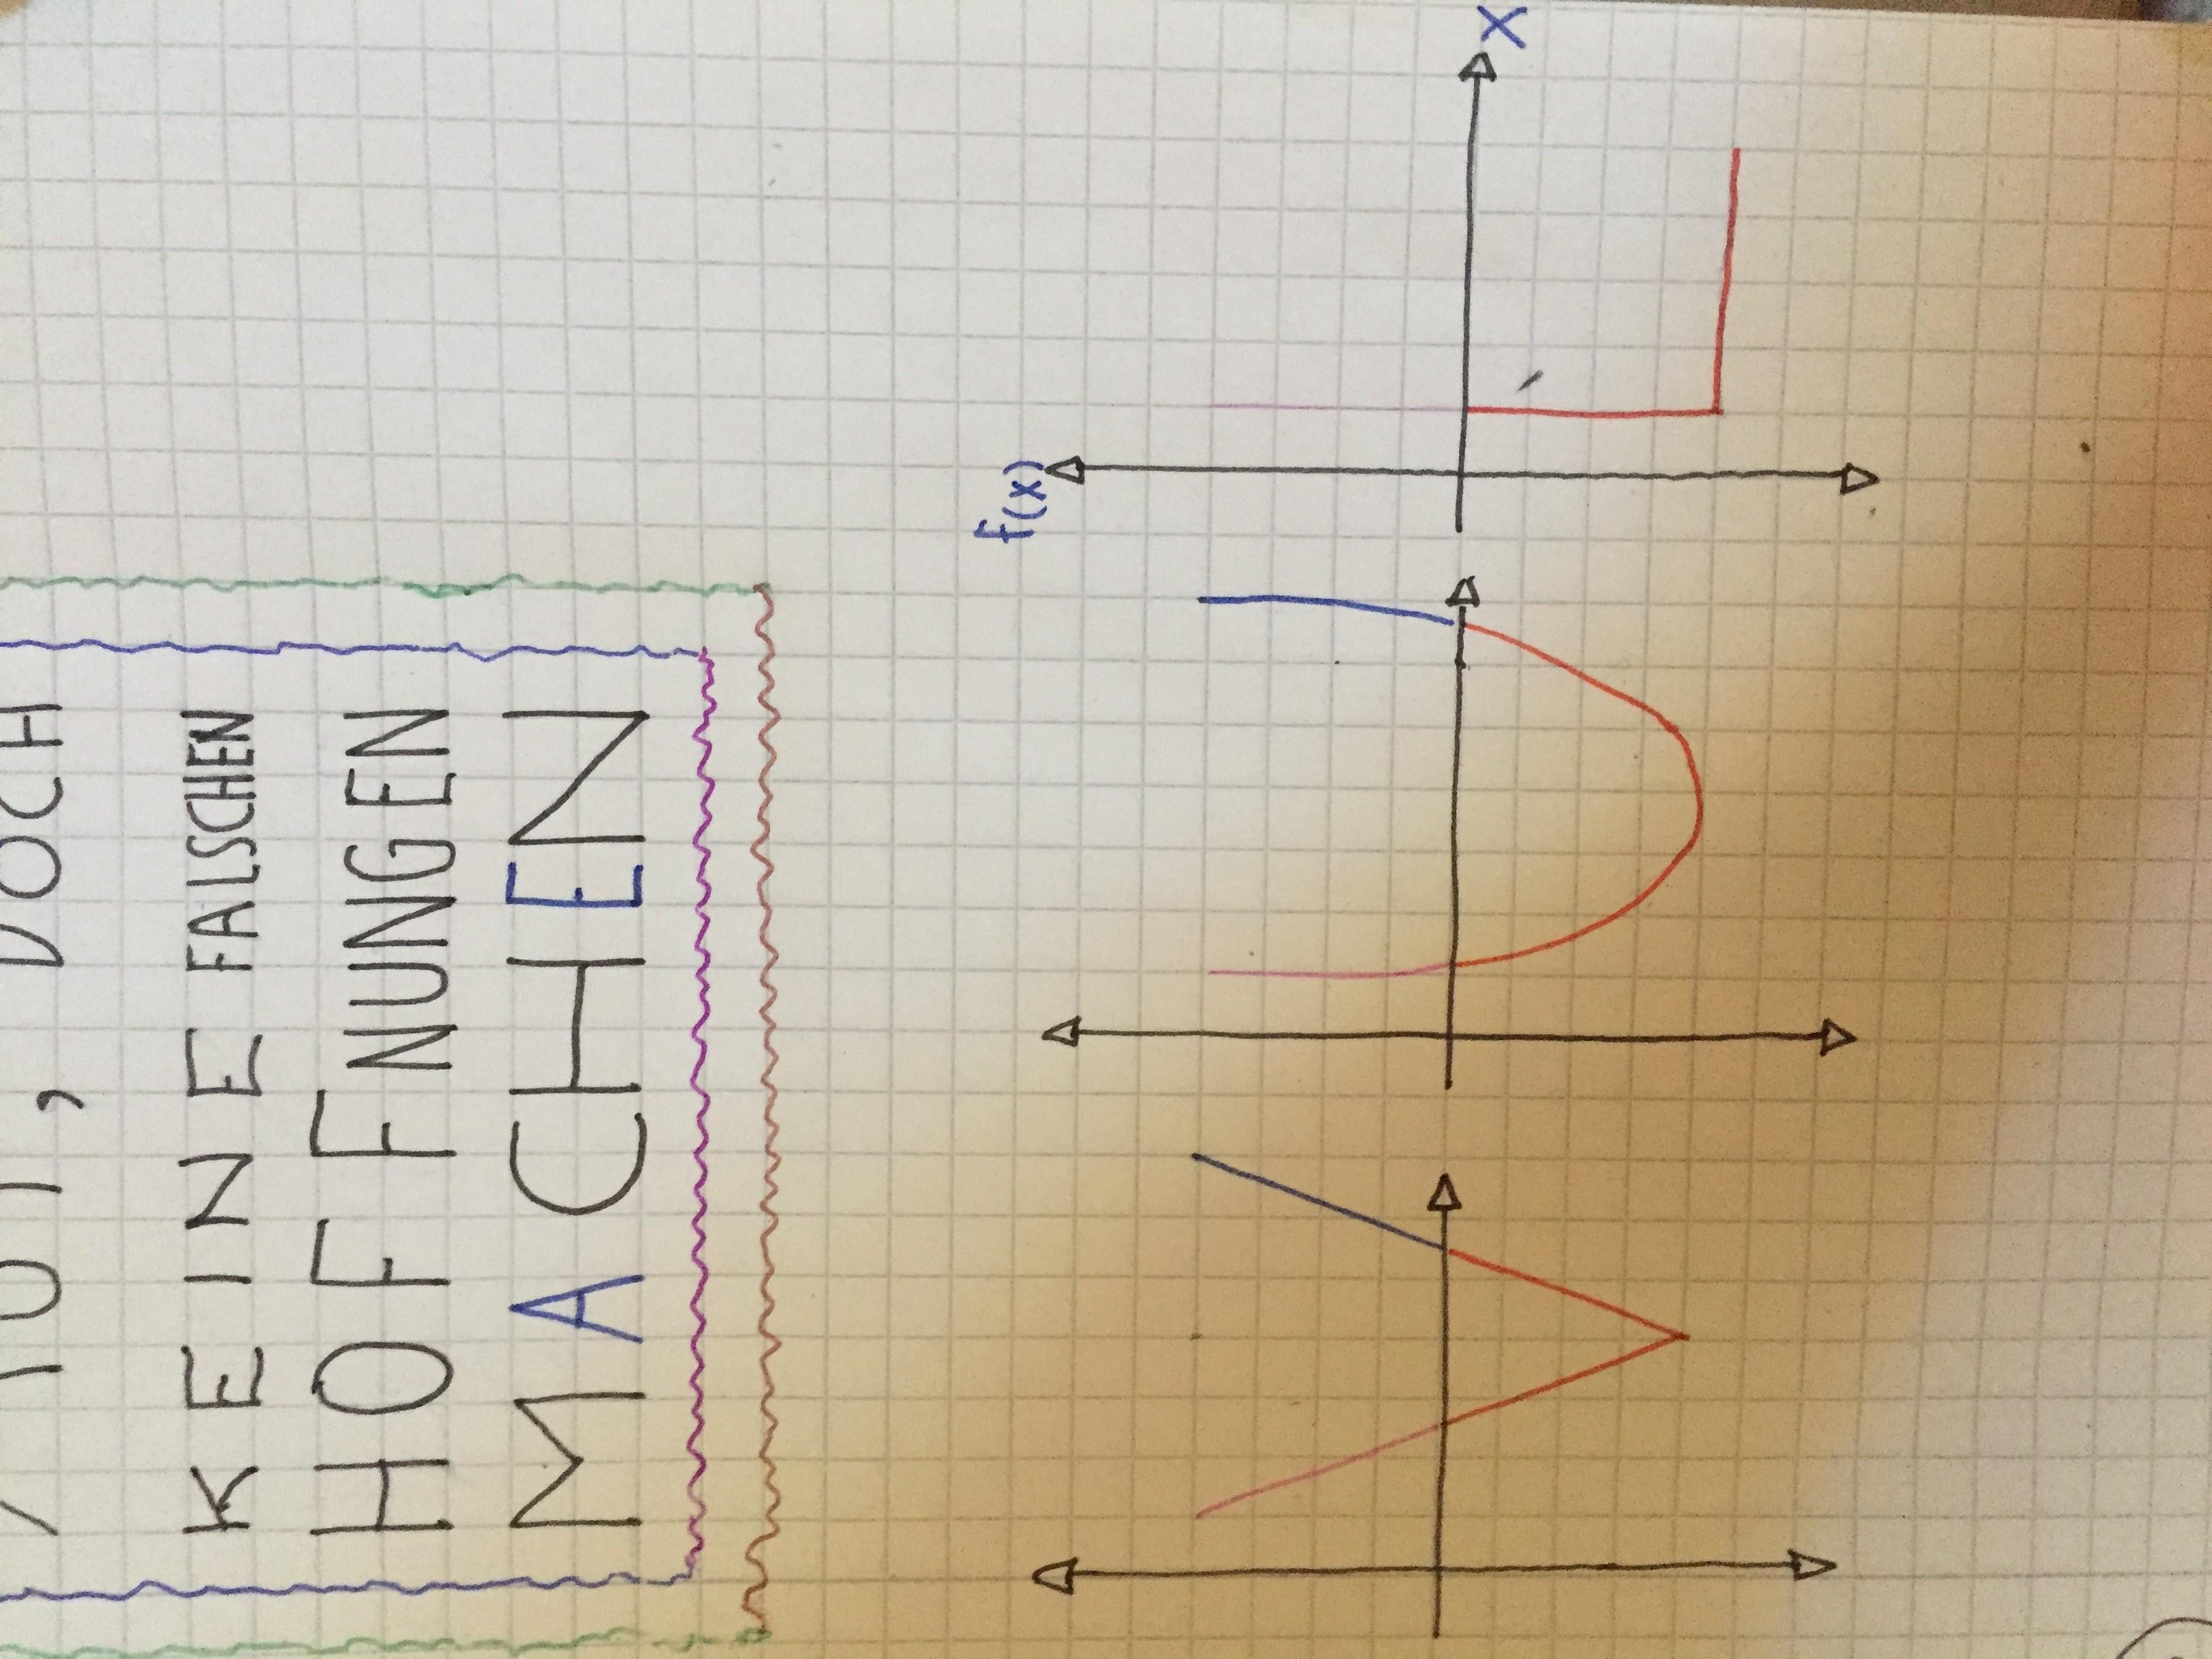 Das Pamphlet beruft sich auf die VUL-Kurve, wobei die drei Buchstaben ausnahmsweise nichts abkürzen — ganz im Gegenteil